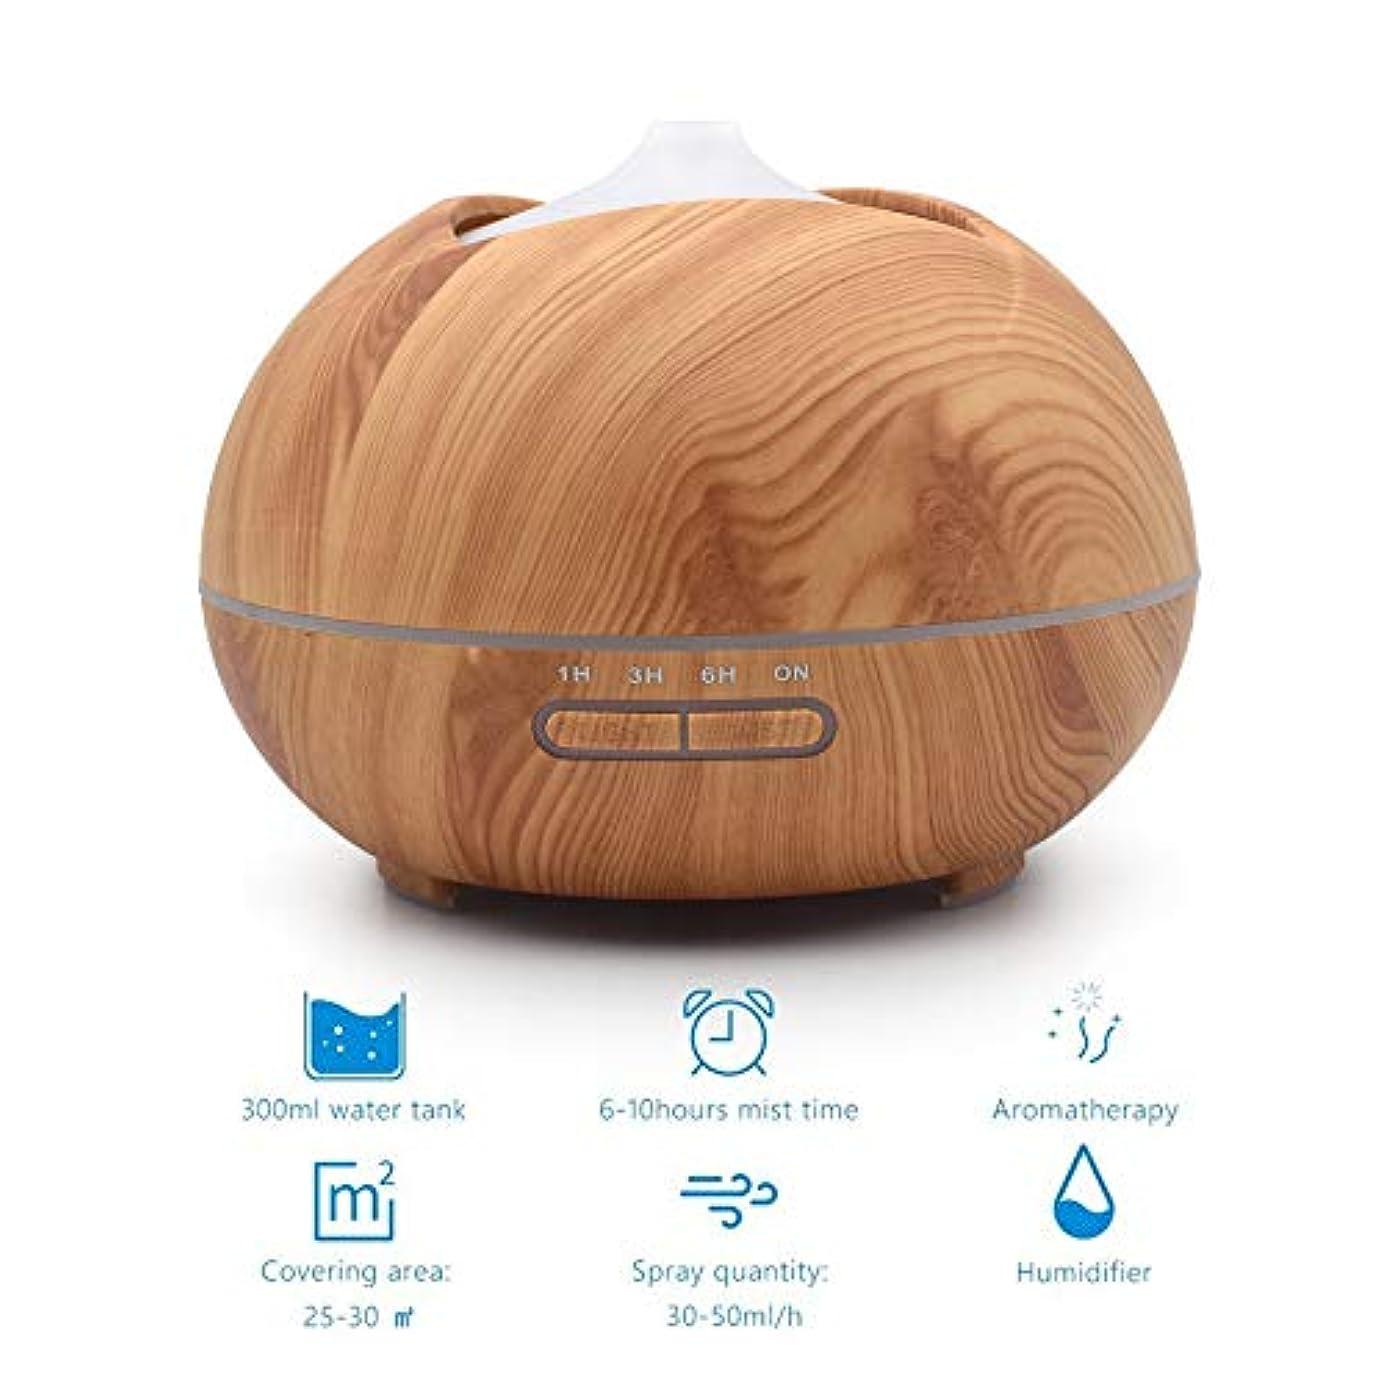 木目クールミスト加湿器、500ミリリットルアロマセラピーディフューザー付き2ミストモードささやき静かな加湿器用寝室、ホーム、オフィス,lightwoodgrain